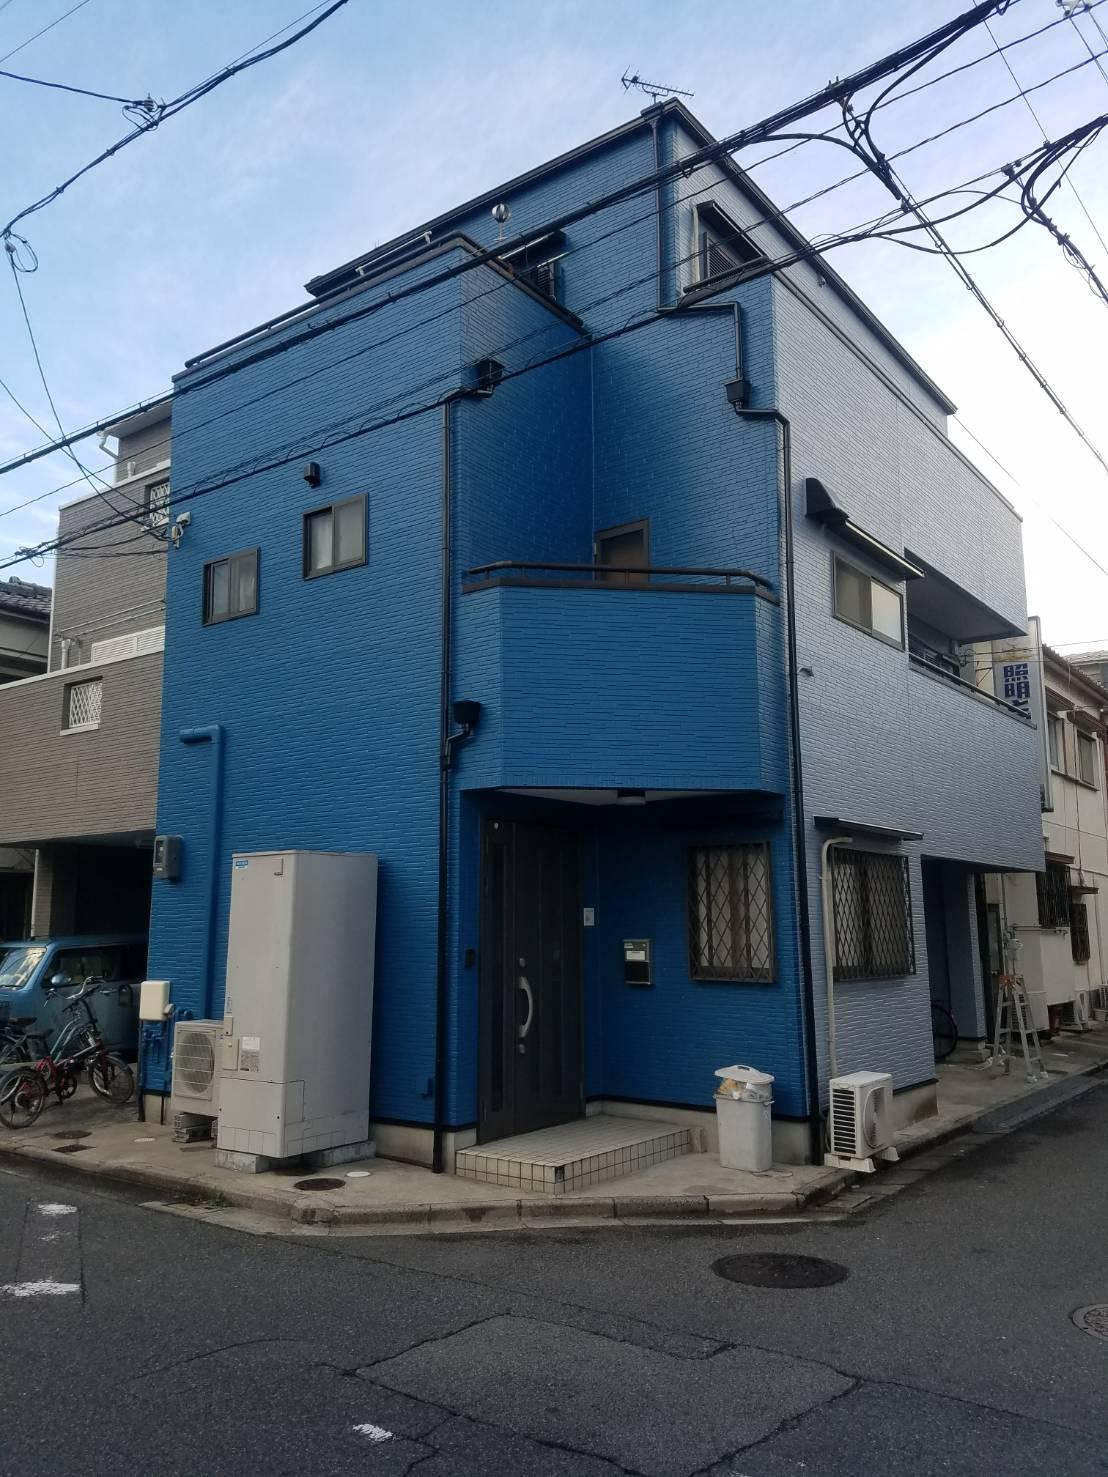 堺市中区K様邸 屋根外壁塗装及び防水工事-施工後